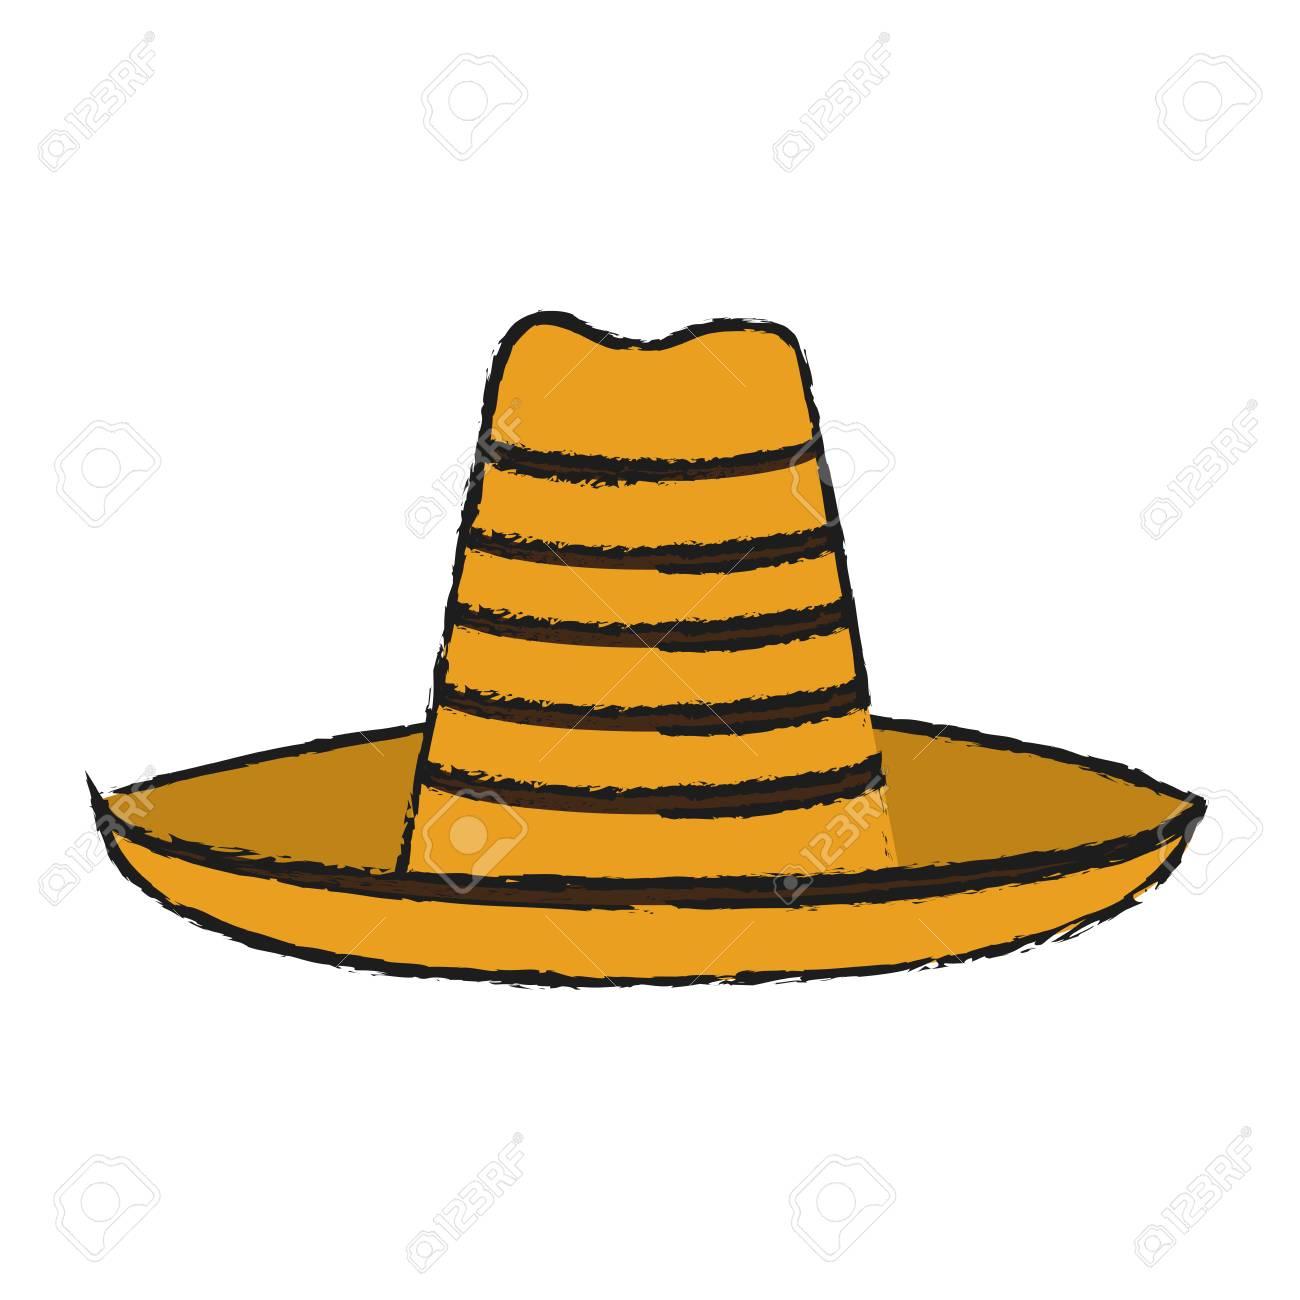 民俗麦わら帽子アイコン画像ベクトル イラスト デザイン スケッチ